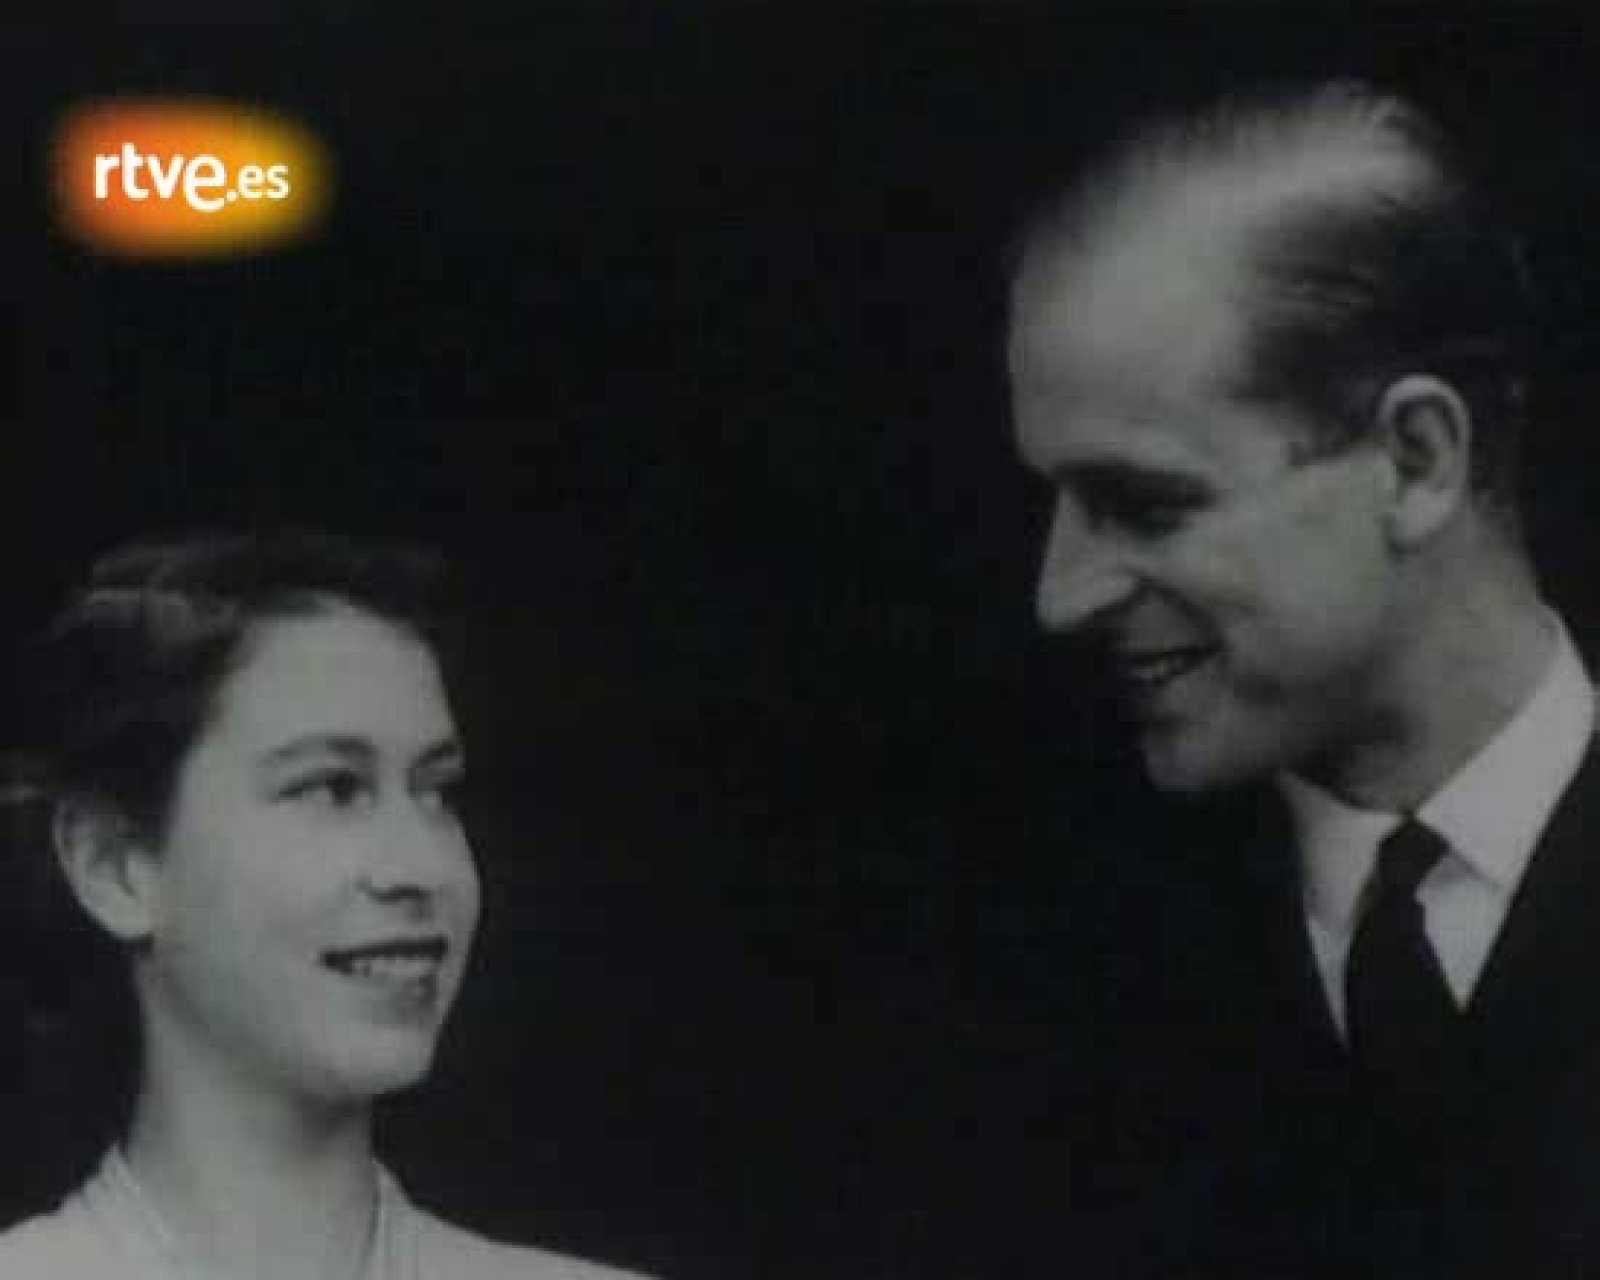 La boda de Isabel II de Inglaterra y el príncipe Felipe - RTVE.es